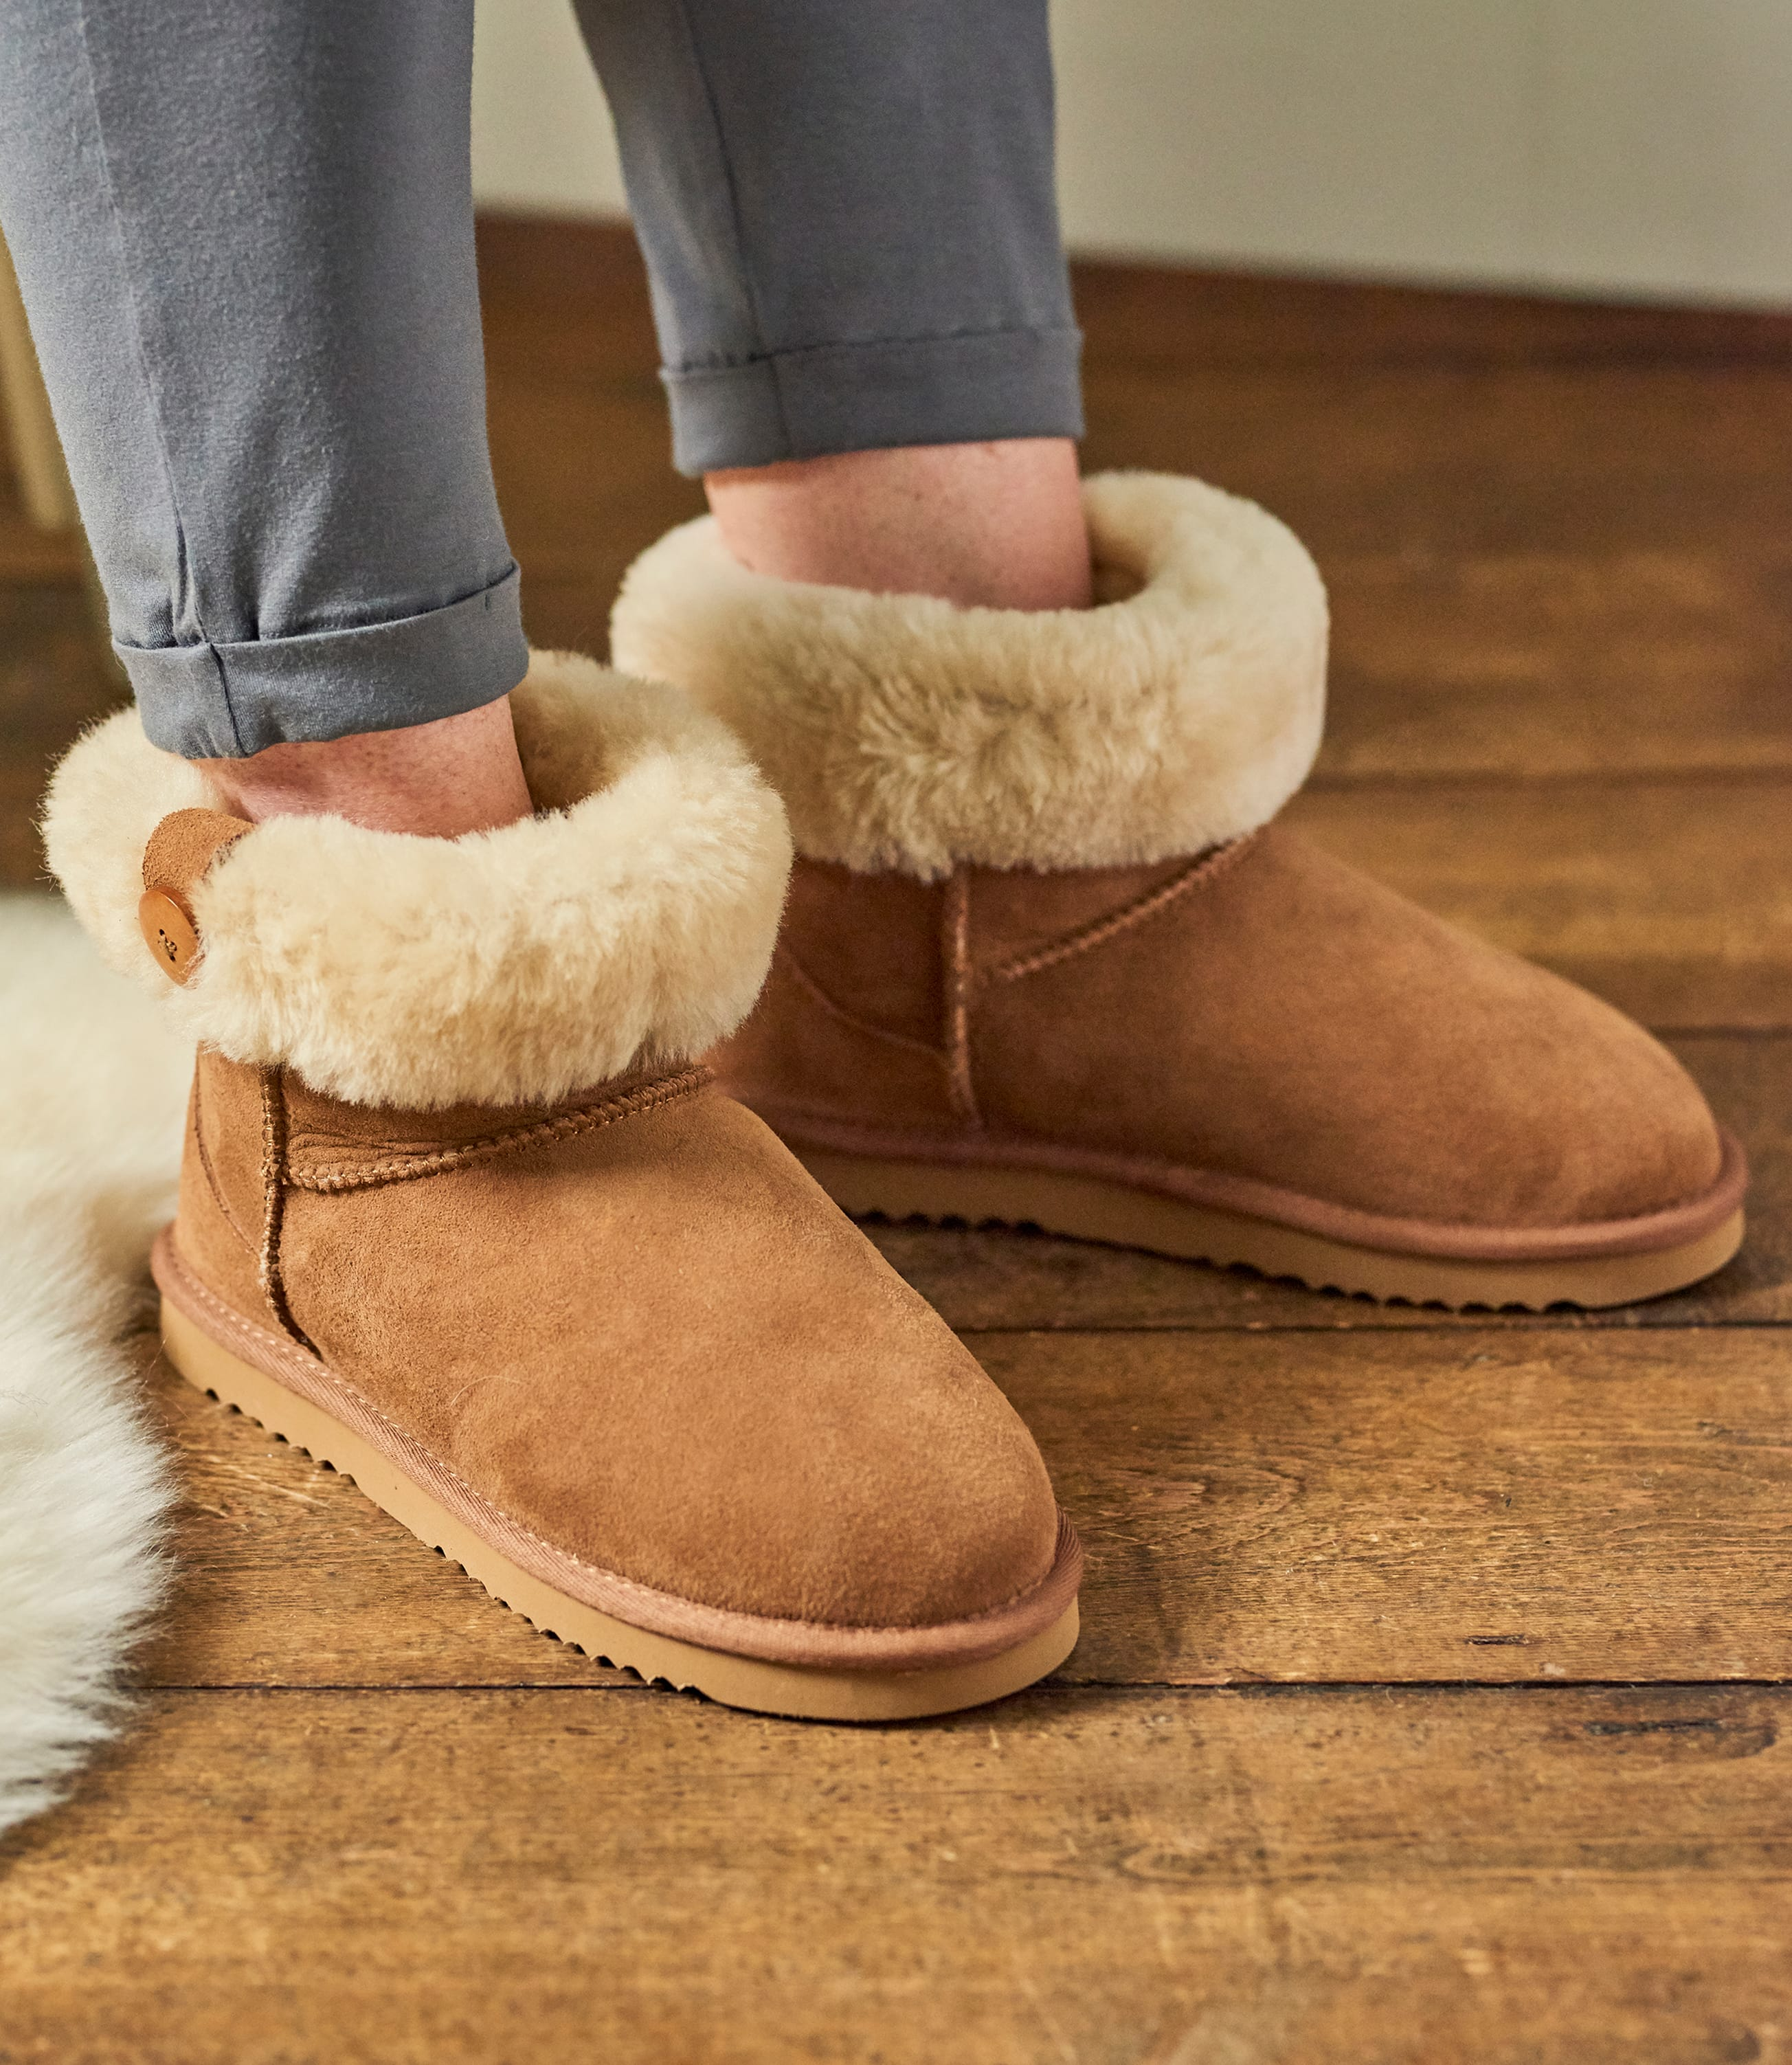 Chaussons style bottines à revers fourrées - Femme - Peau de mouton